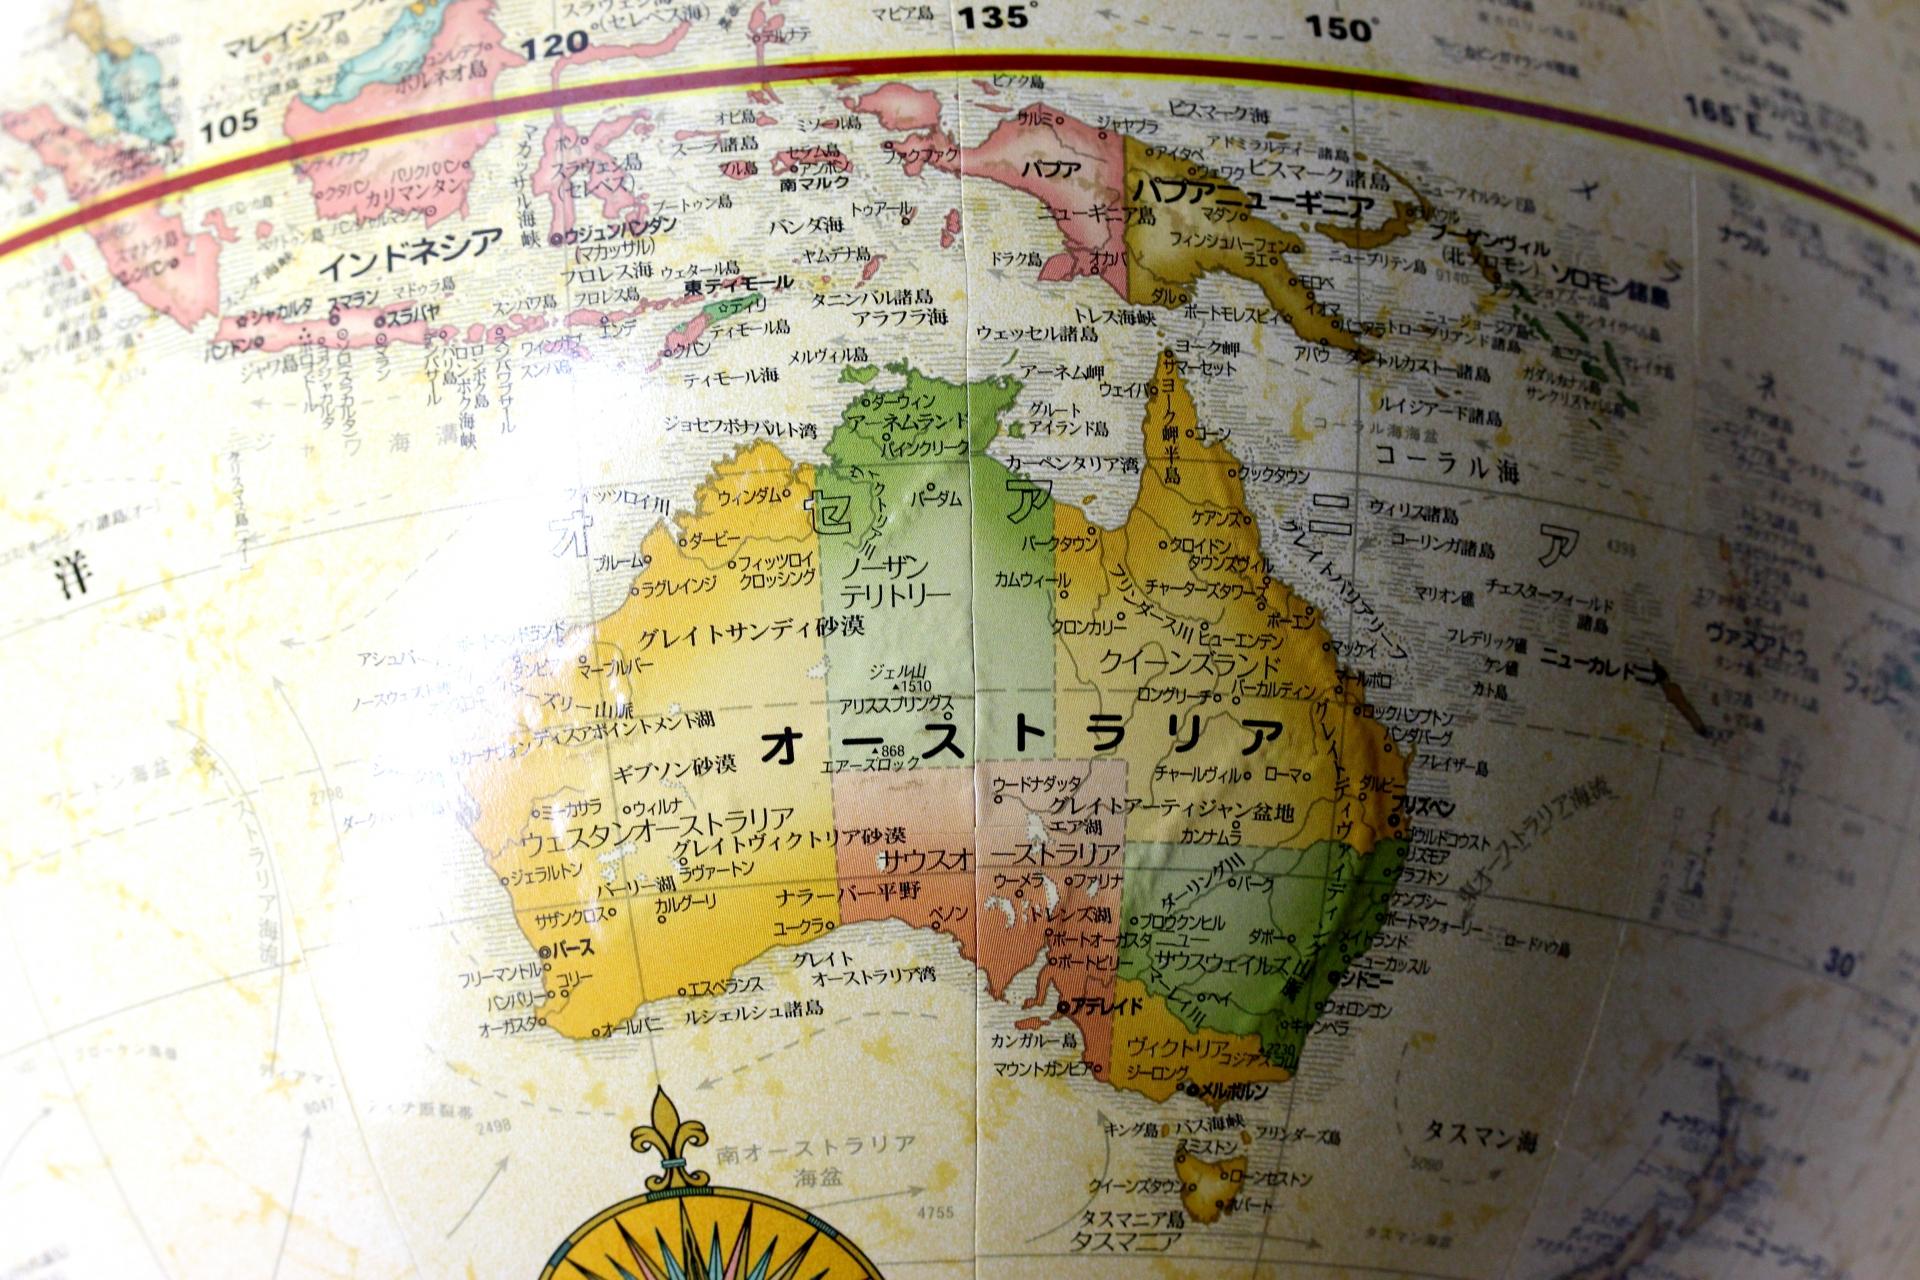 オーストラリアのネズミ大量発生について